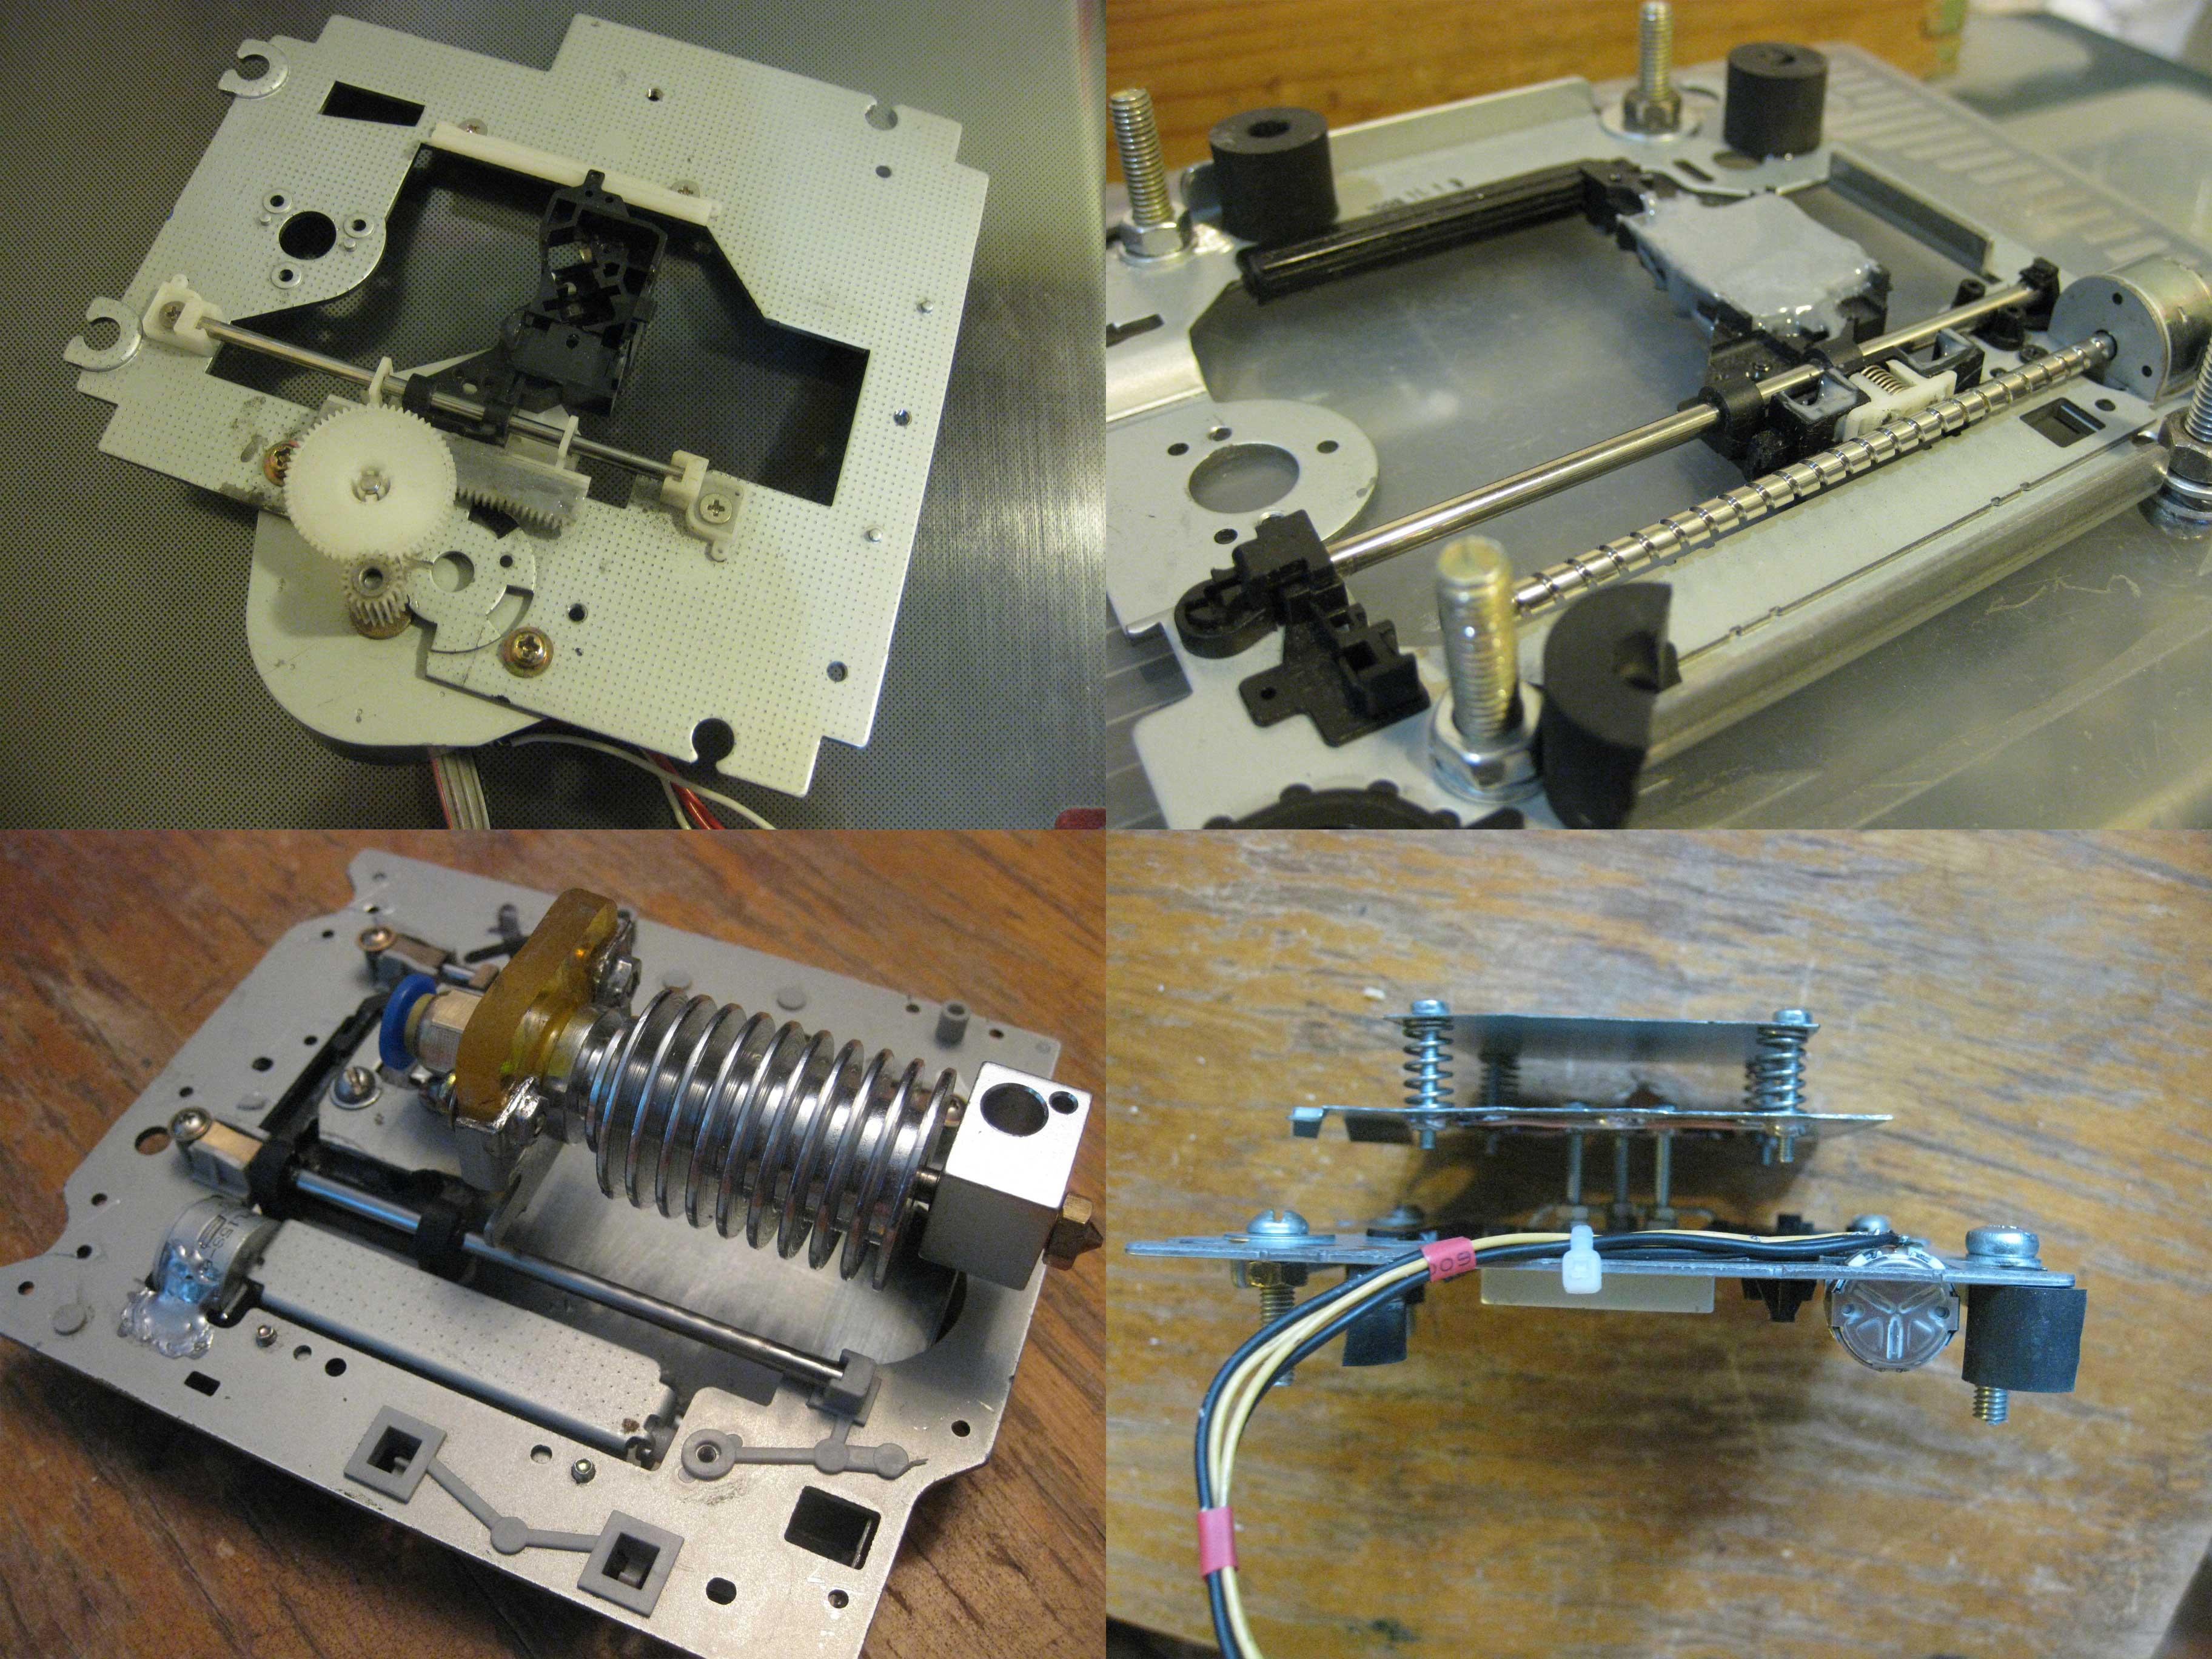 Ремонт CD-ROM привода на дому - ремонтируем дисковод своими